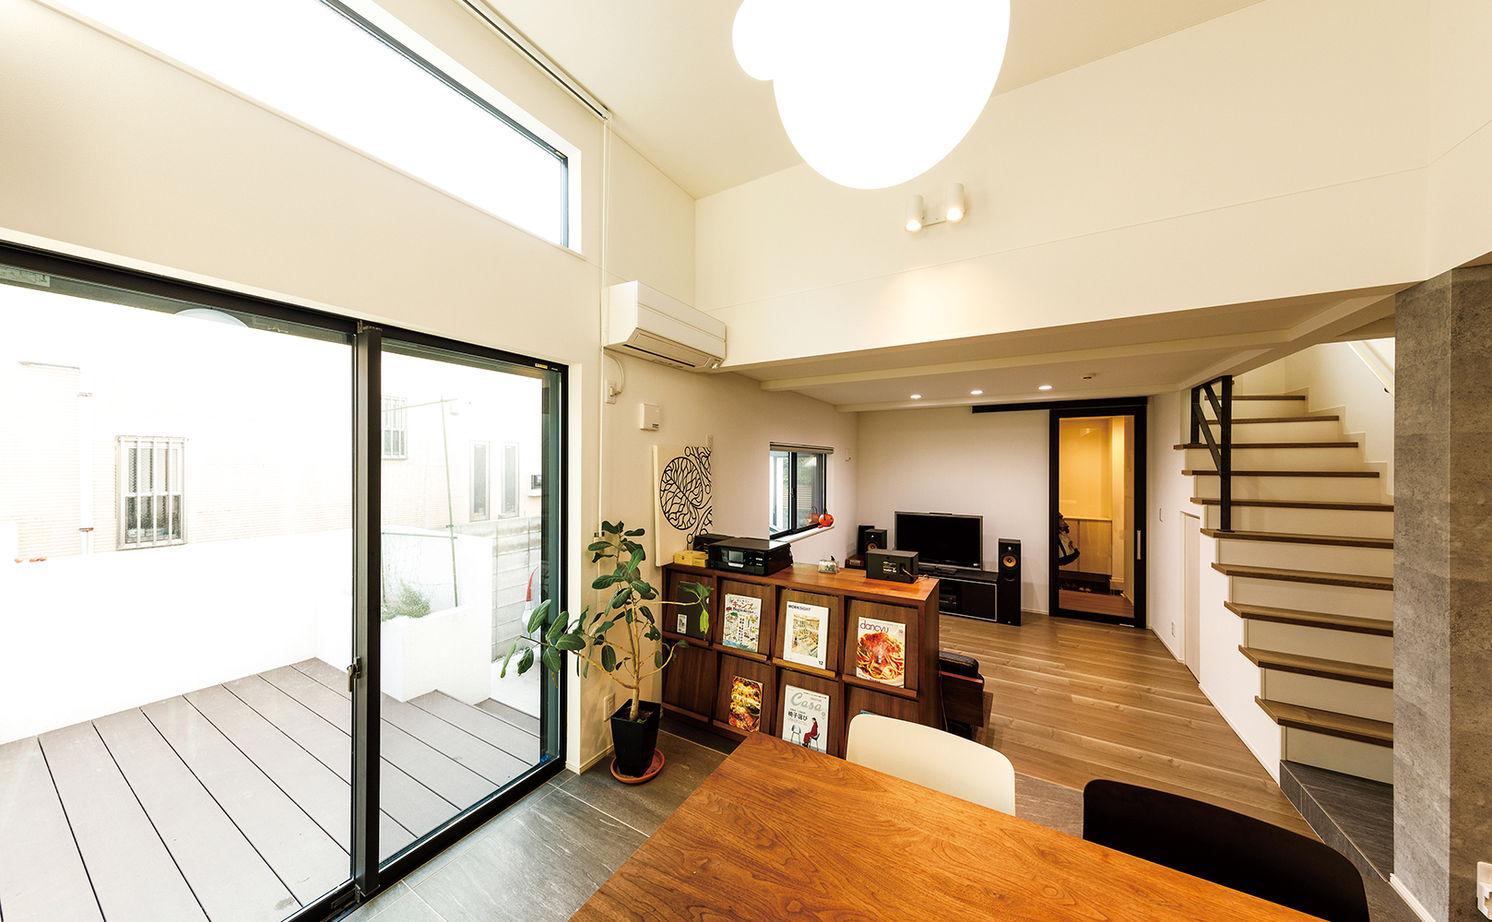 【3100万円】空間にメリハリを生む段差のある住まい。屋上や床下大収納も実現画像2